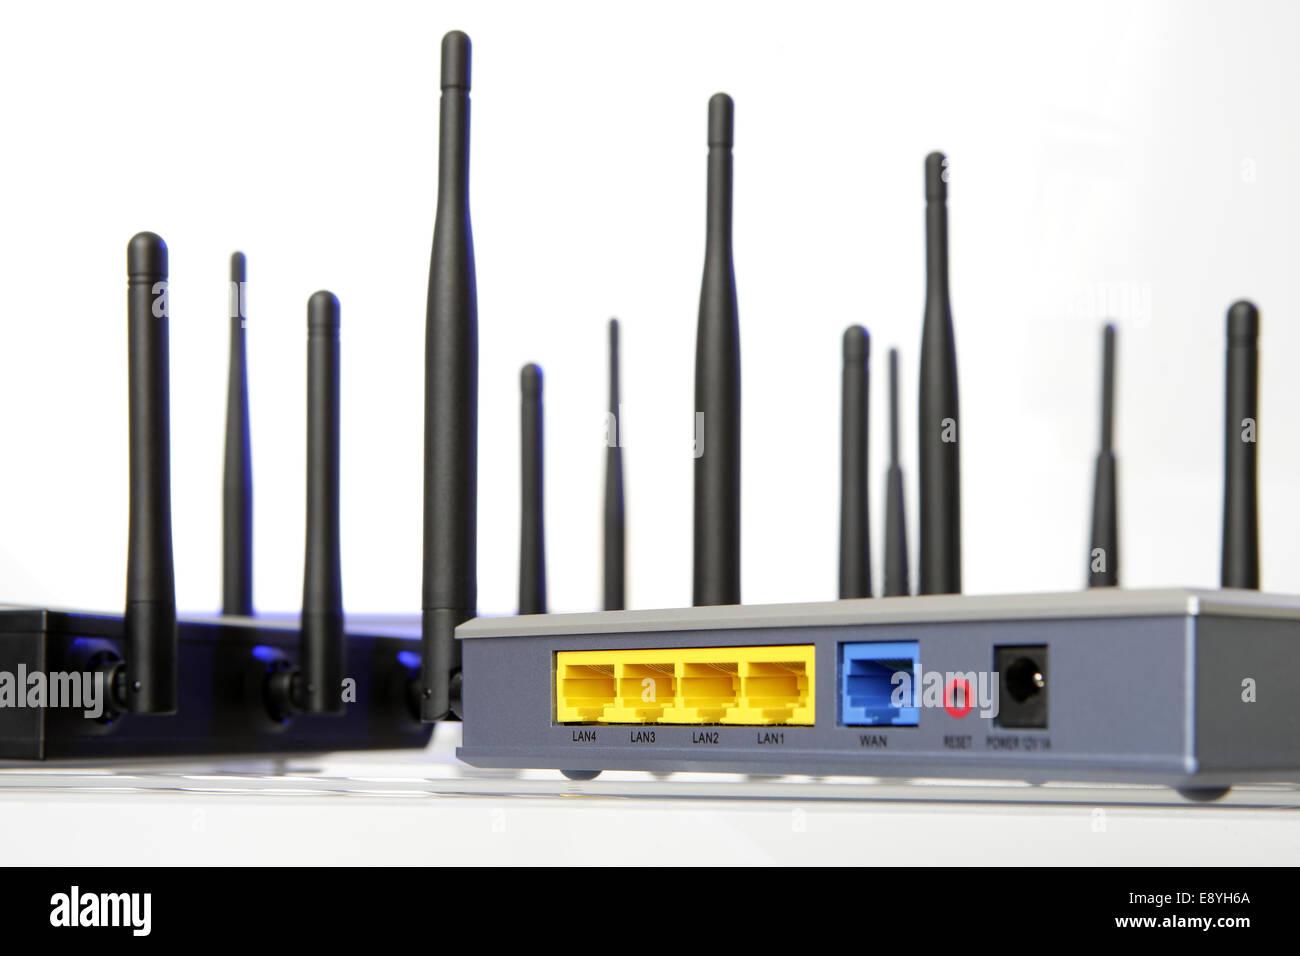 Nett Schaltplan Für Wlan Router Bilder - Die Besten Elektrischen ...